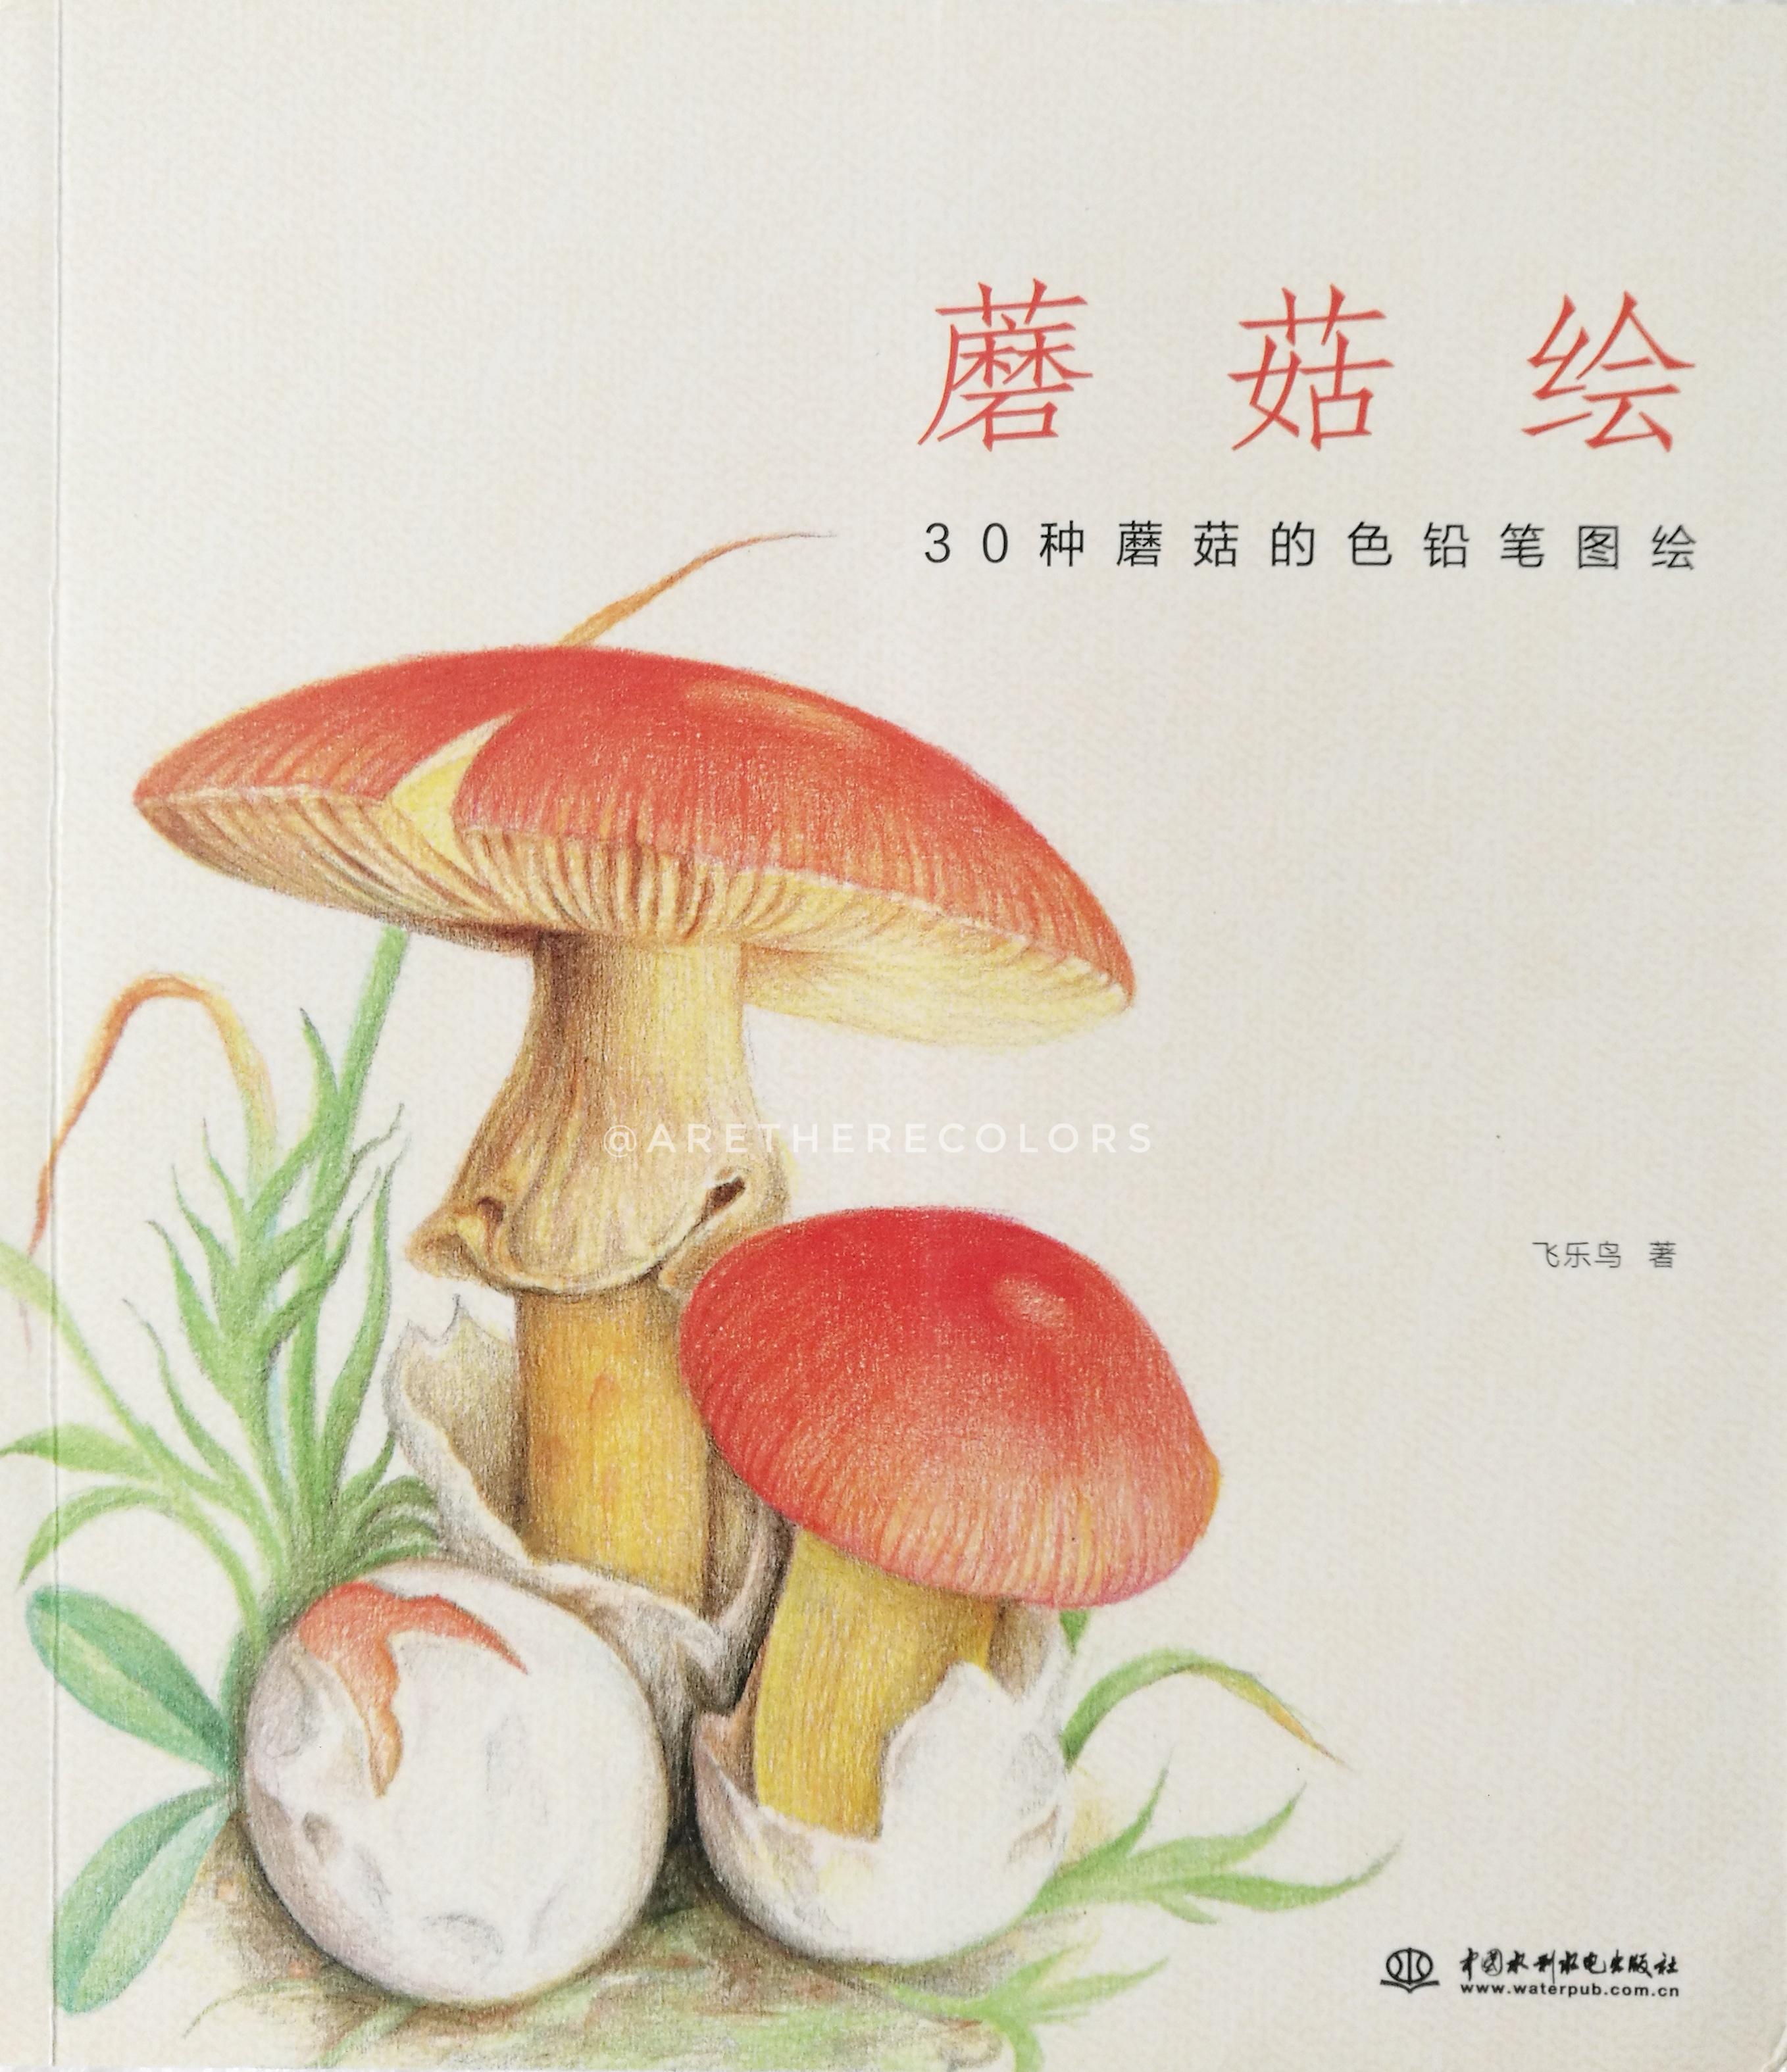 (พร้อมส่ง) หนังสือสอนวาดภาพระบายสีไม้ รูปเห็ดน่ารักๆ